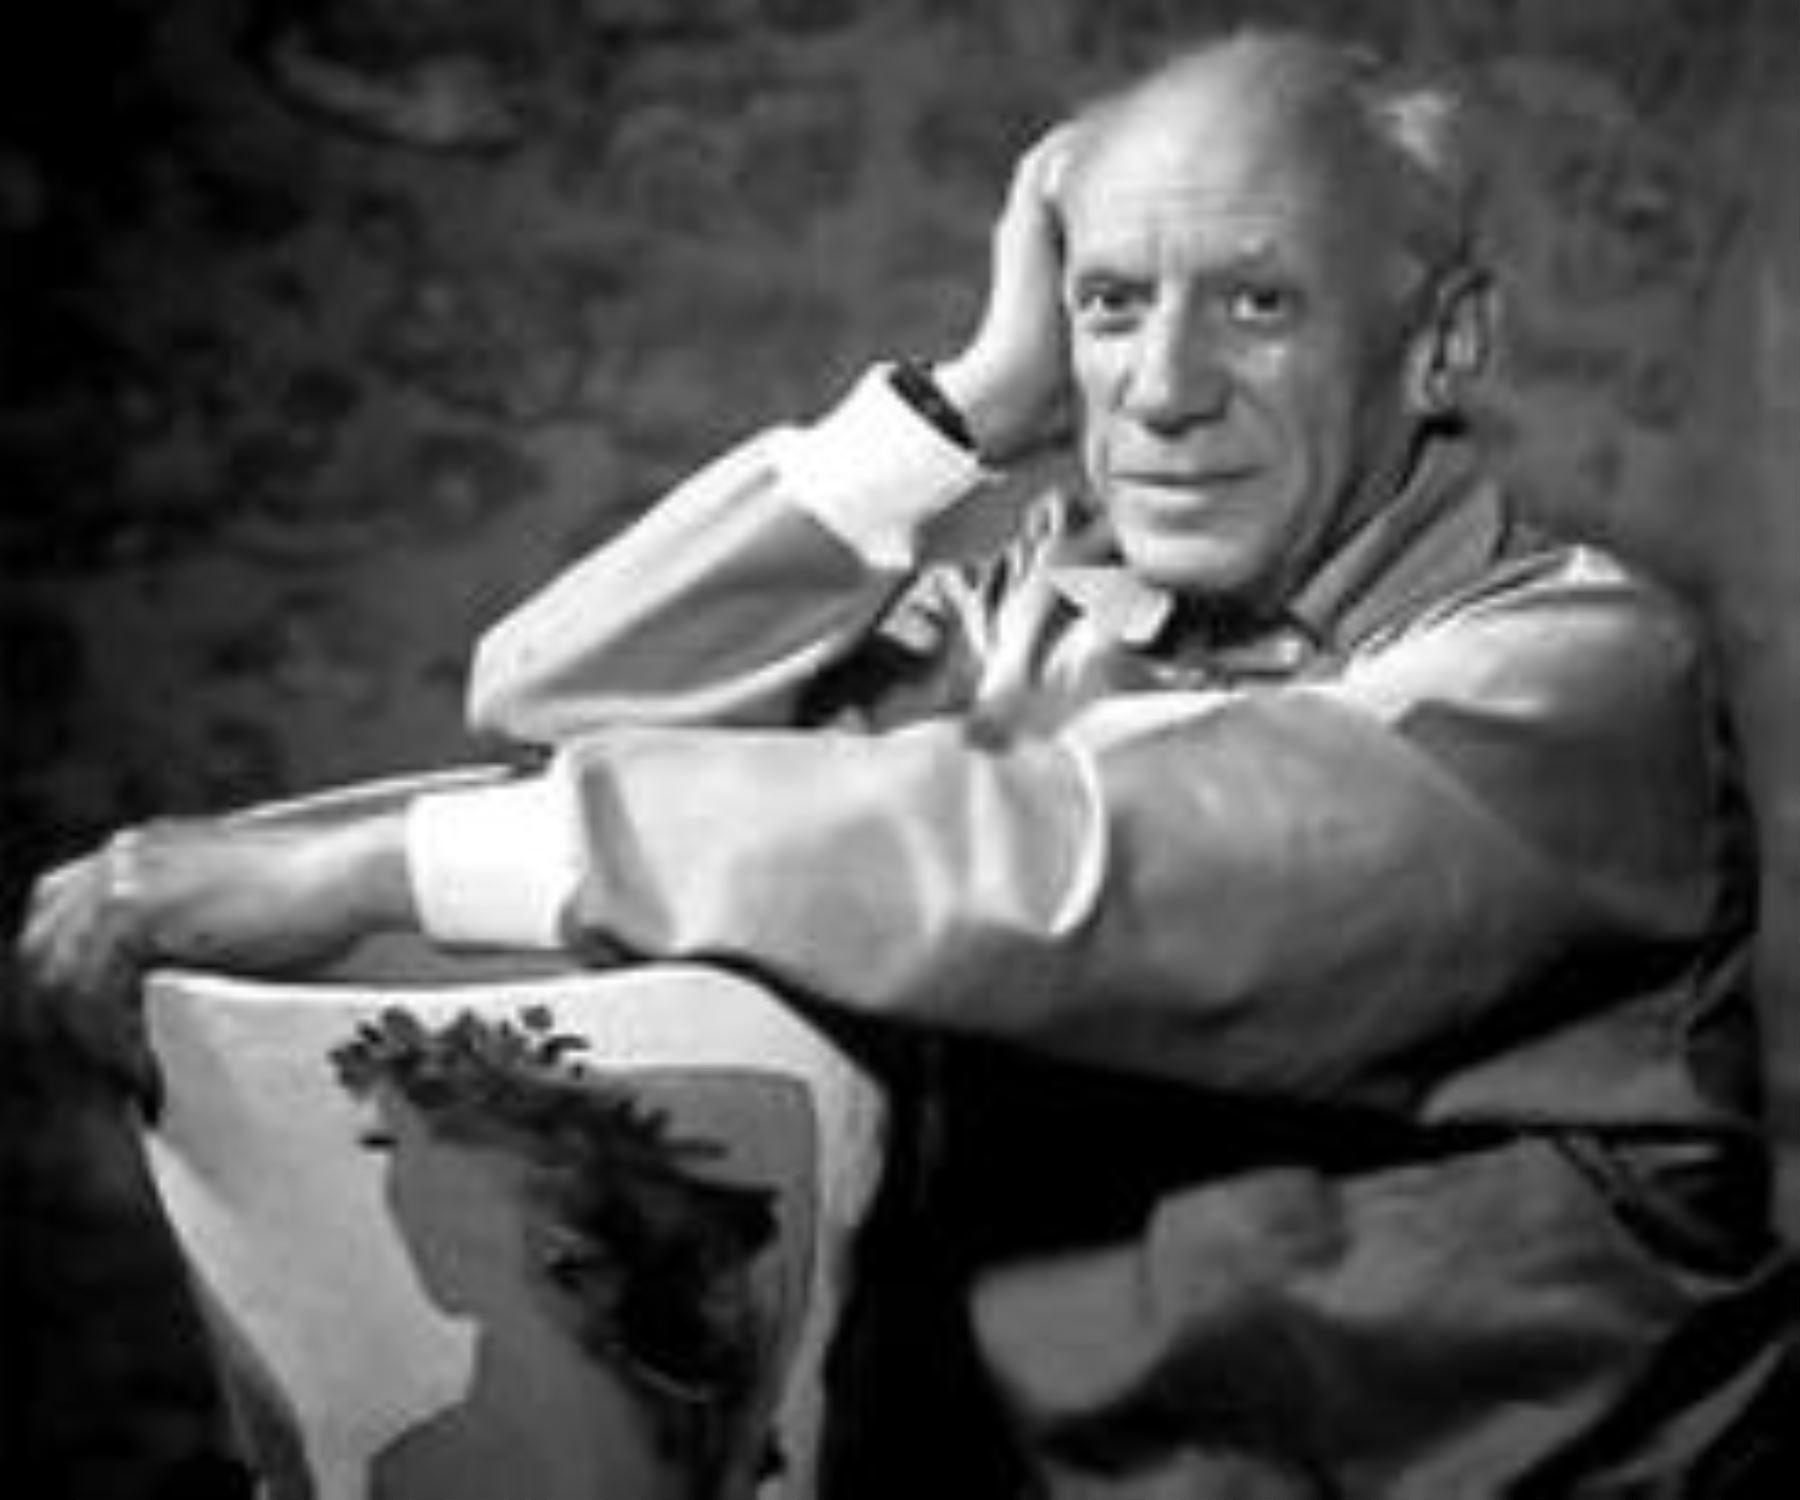 Reconocido pintor español Pablo Picasso es recordado hoy. Foto: Internet/Medios.